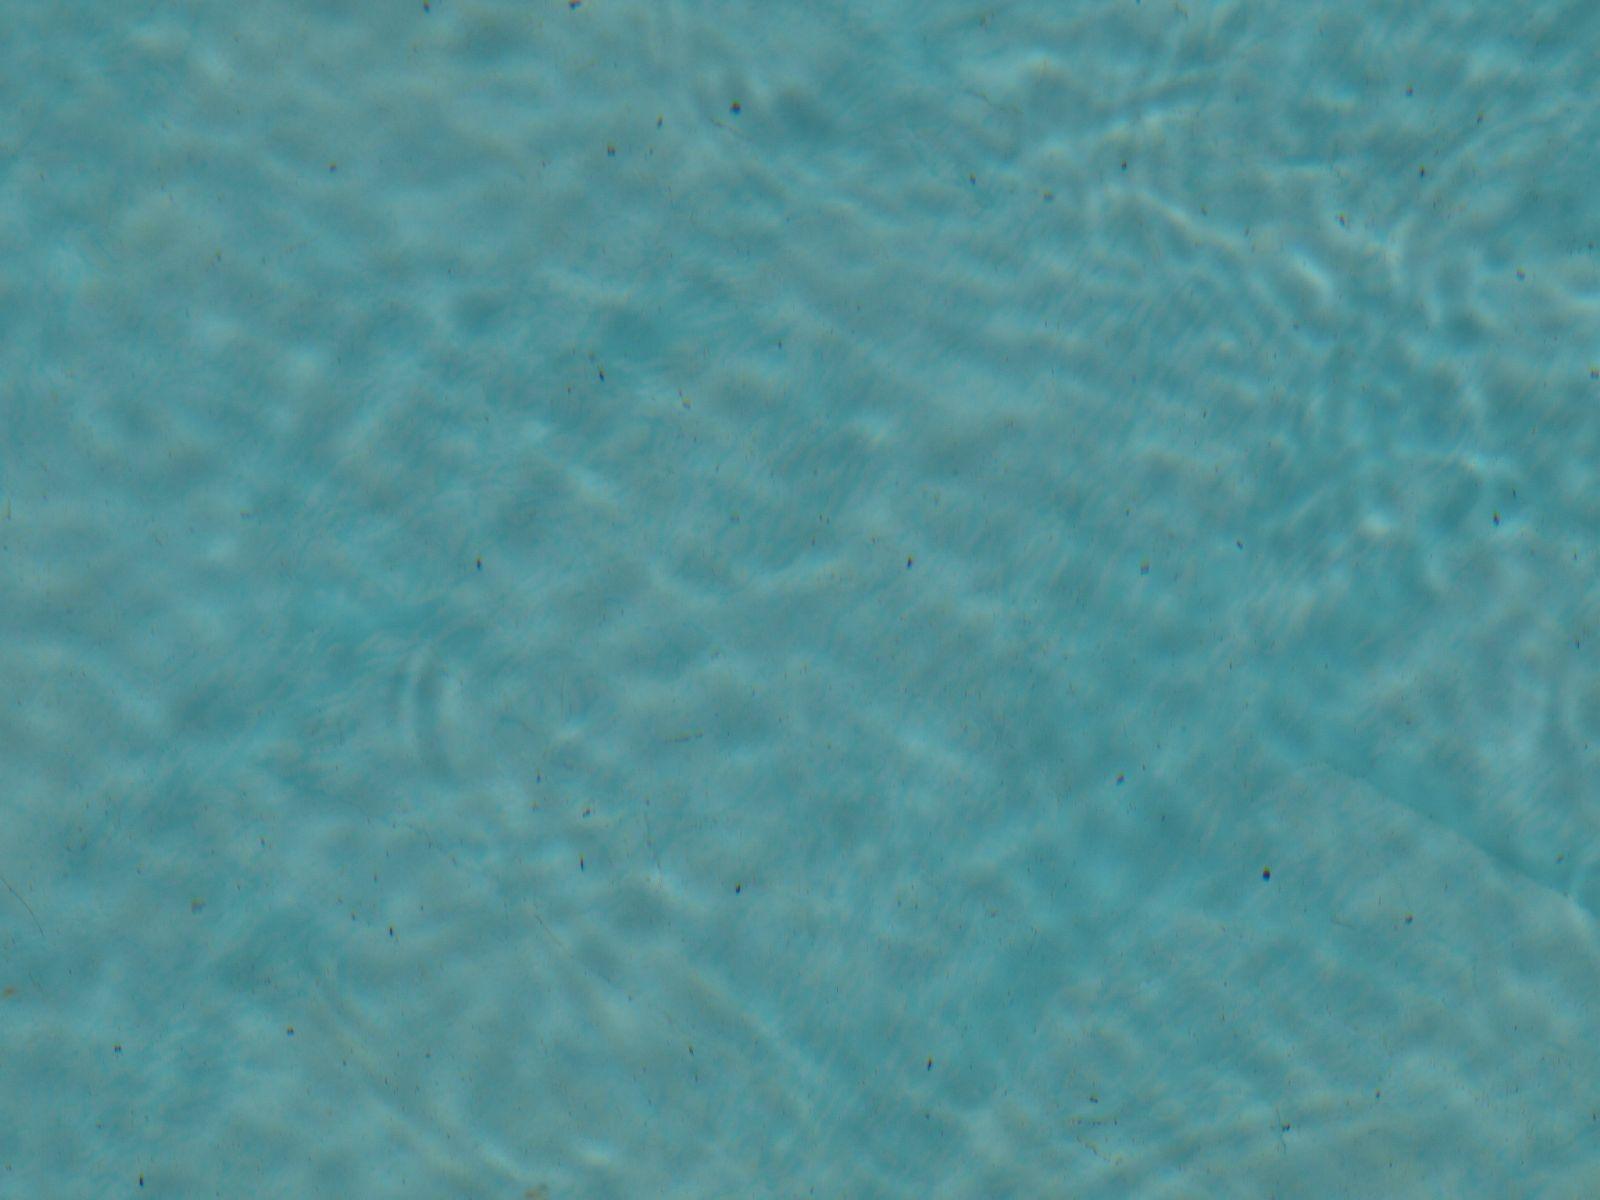 Wasser_Textur_A_P5224271